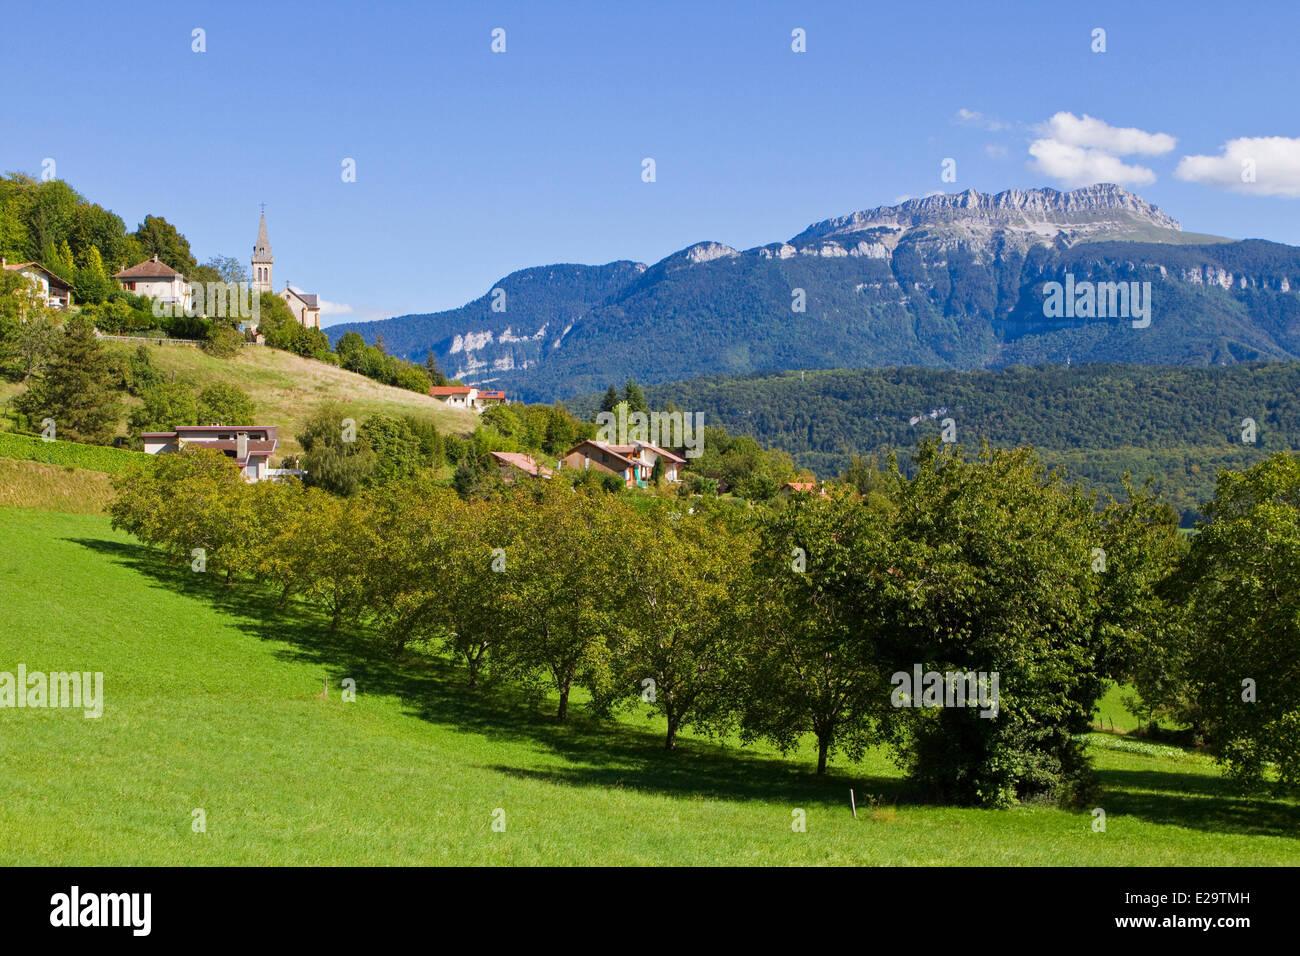 France, Isère, Voiron, Tolvon dans la Grande sûr contexte dans le Parc naturel régional de Chartreuse Photo Stock